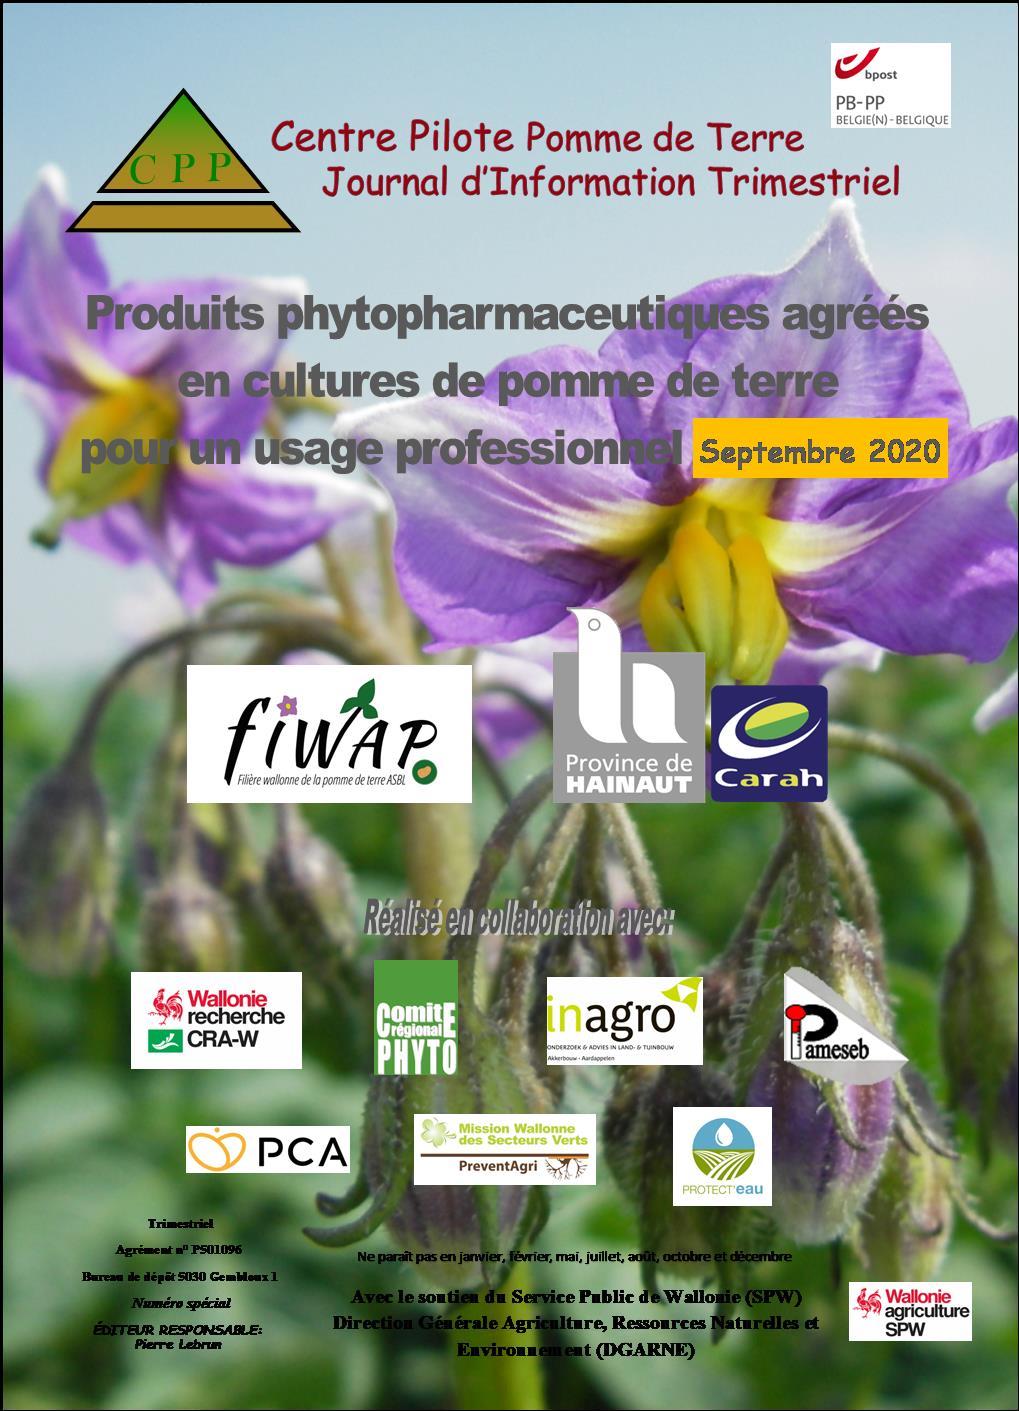 Liste des produits phyto (mise à jour septembre 2020)